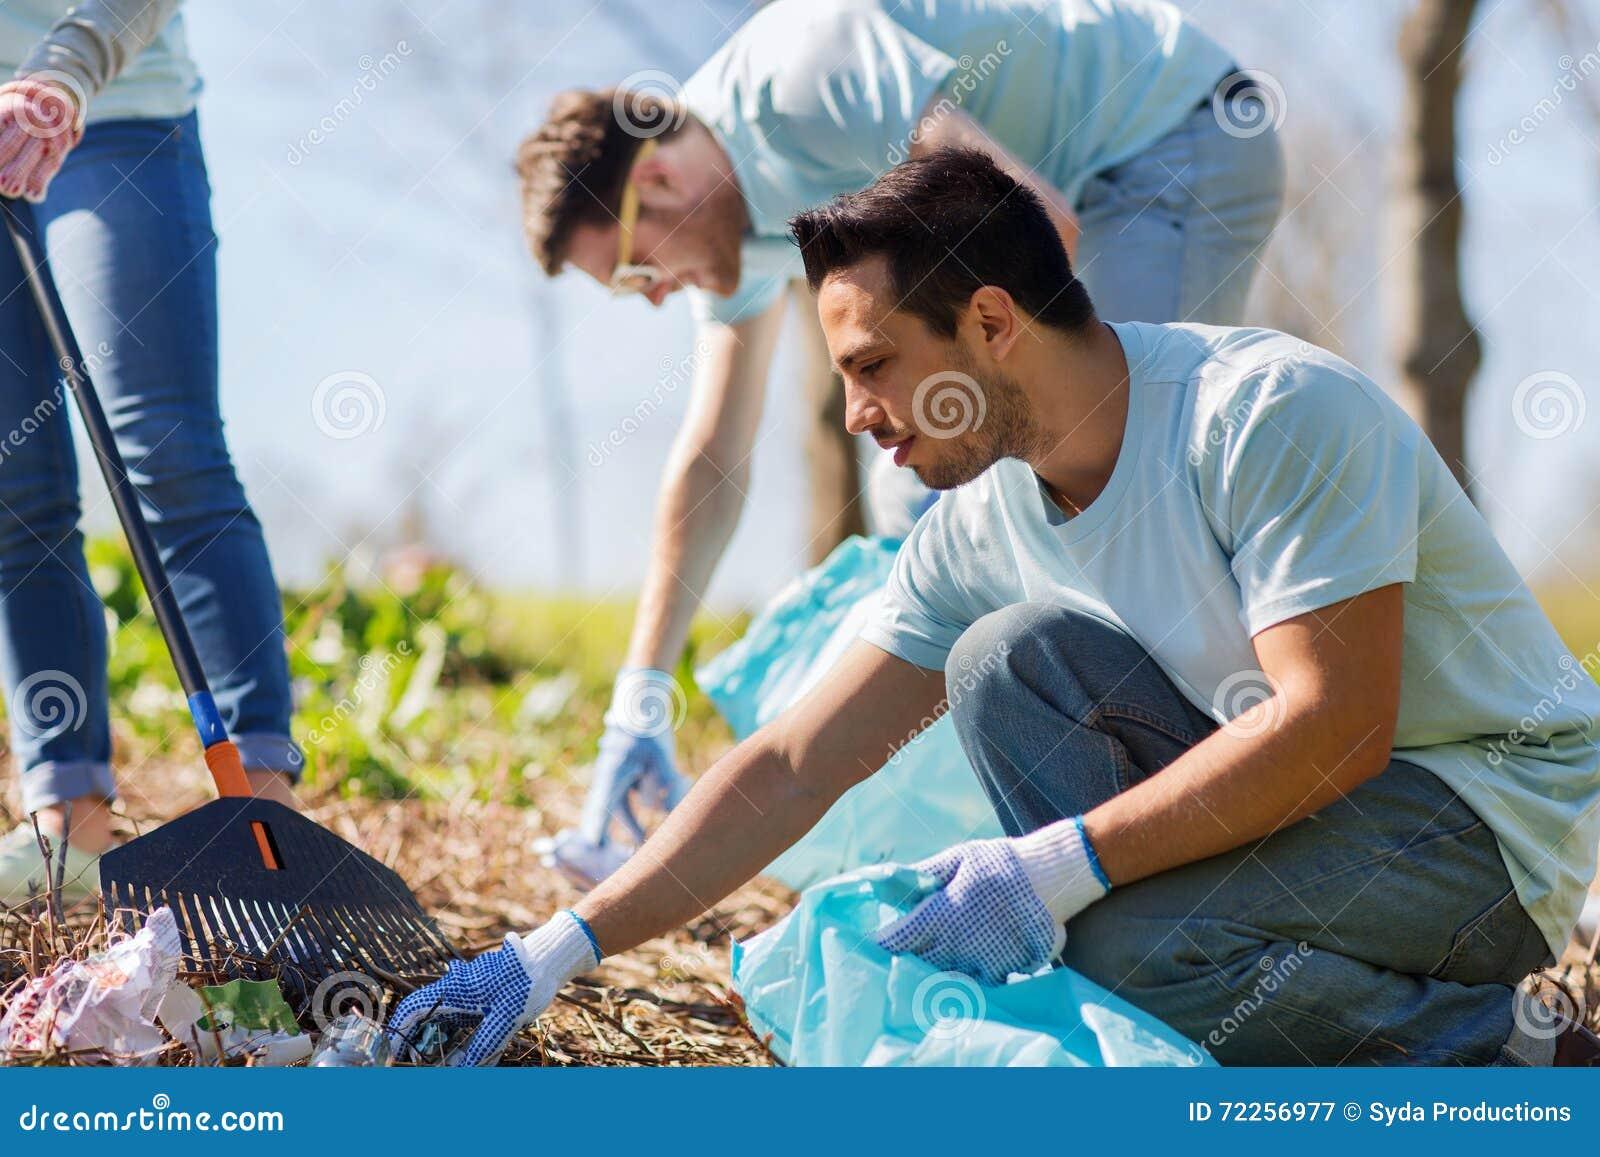 Voluntarios con los bolsos de basura que limpian área del parque